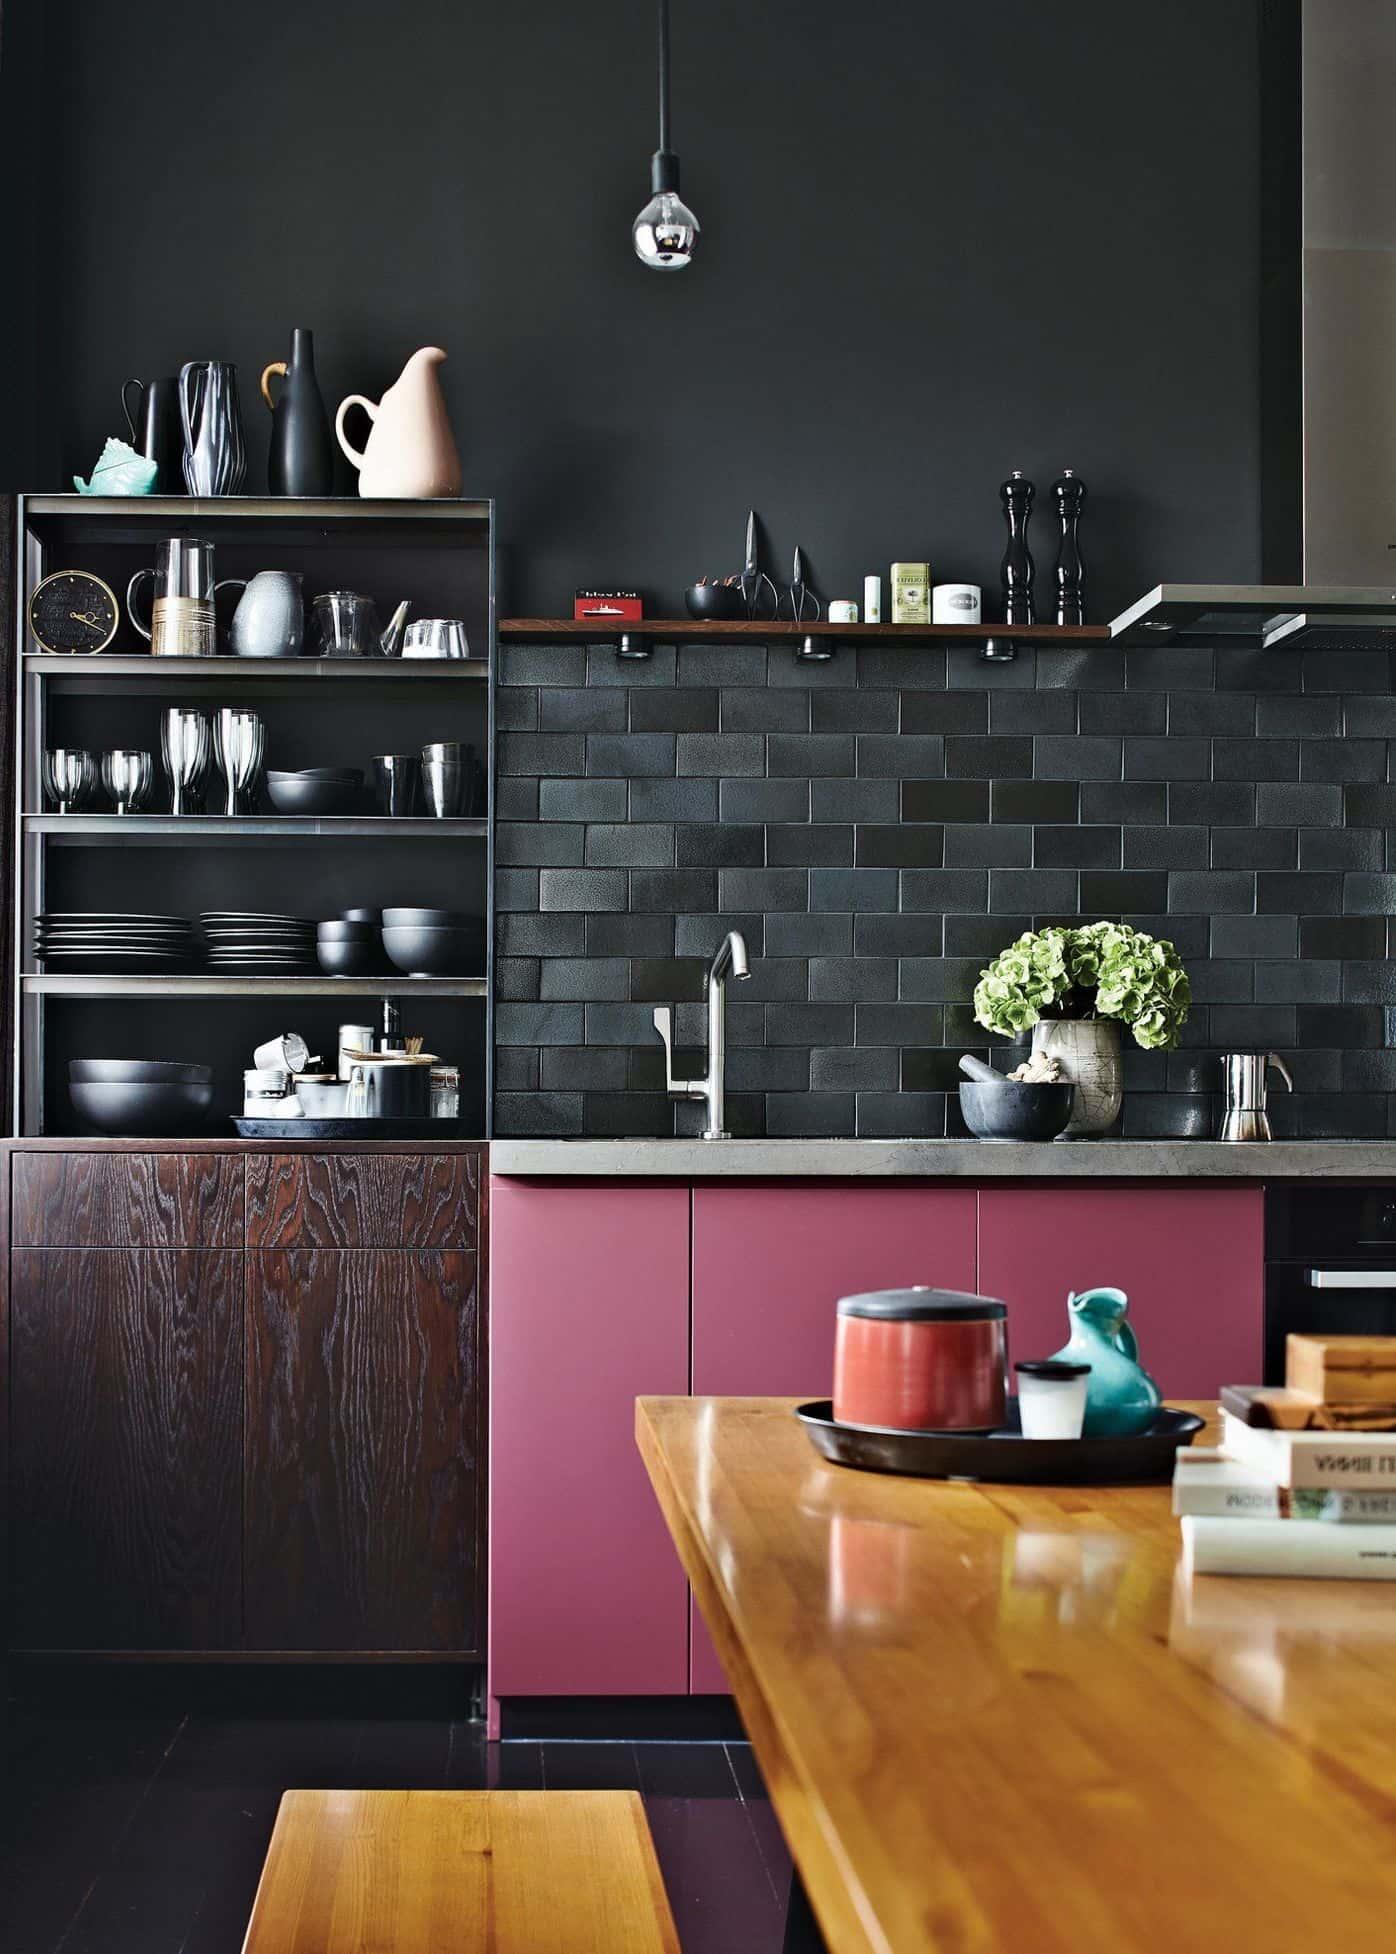 Несмотря на то что темный цвет довольно редко применяется при оформлении интерьера малогабаритной кухни, смотрится он поистине шикарно